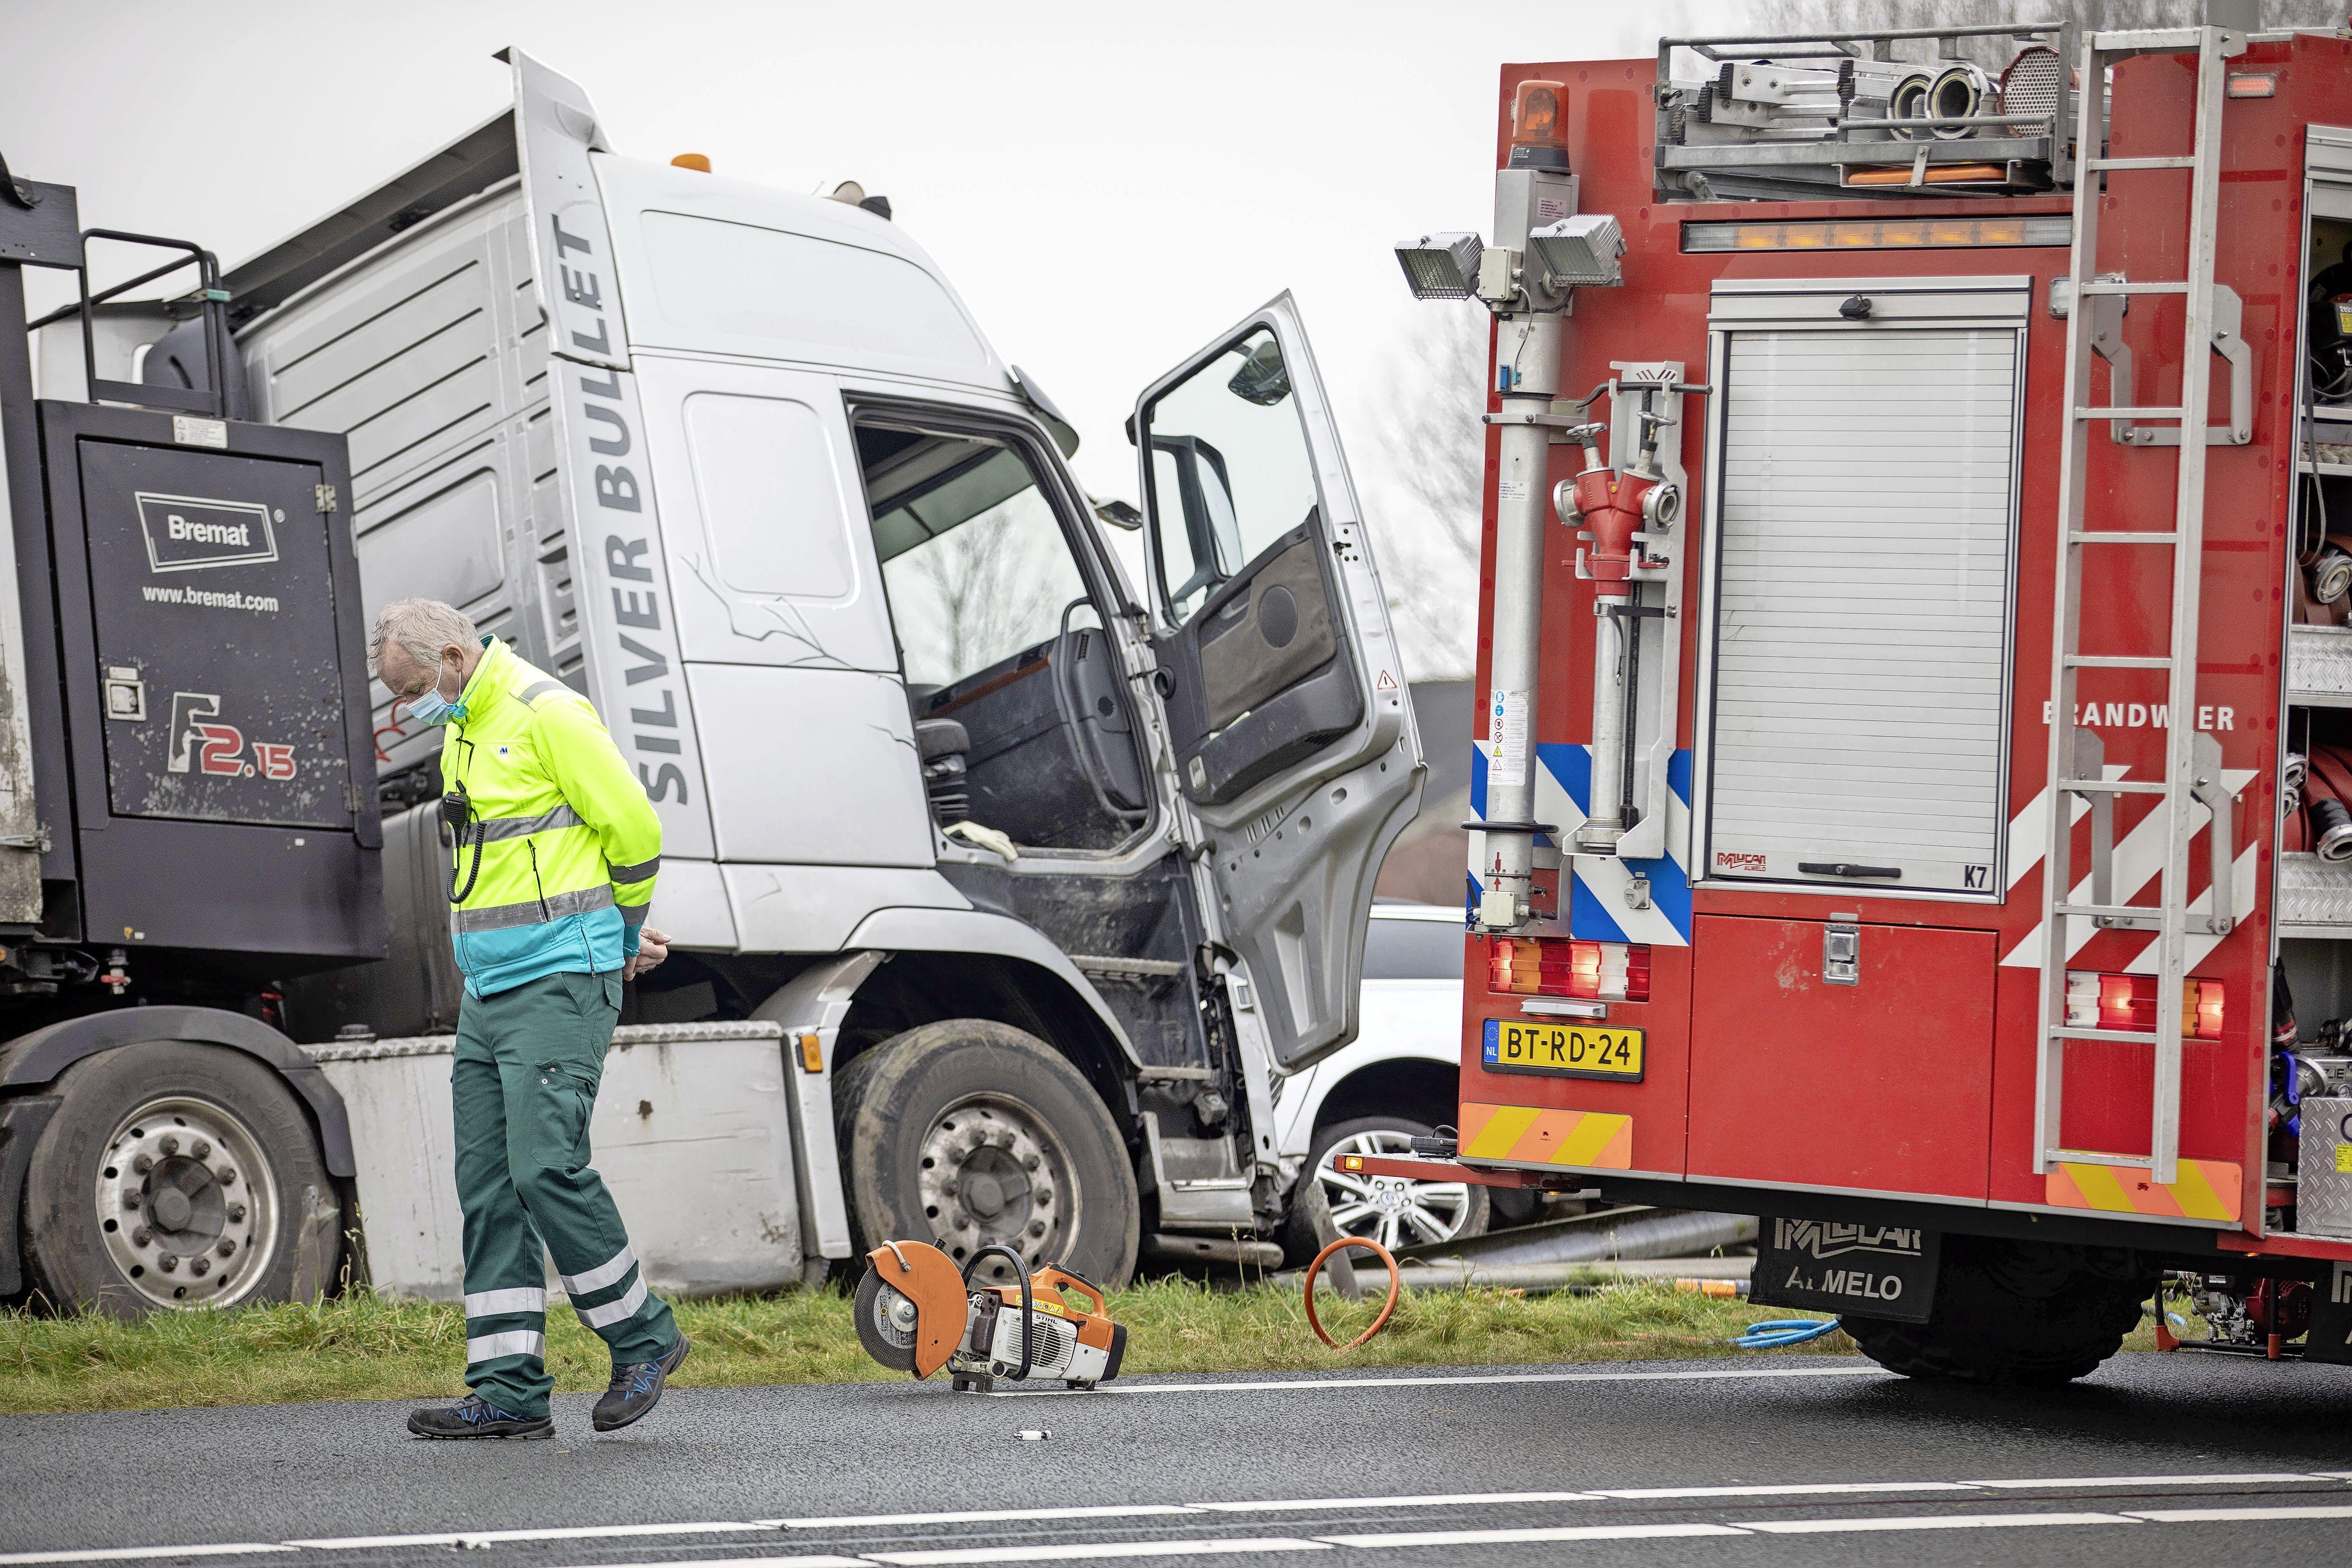 Onderzoek naar fataal ongeval met politieman op N9 is bijna afgerond; justitie moet beslissing of vrachtwagenchauffeur (61) wordt vervolgd nog nemen